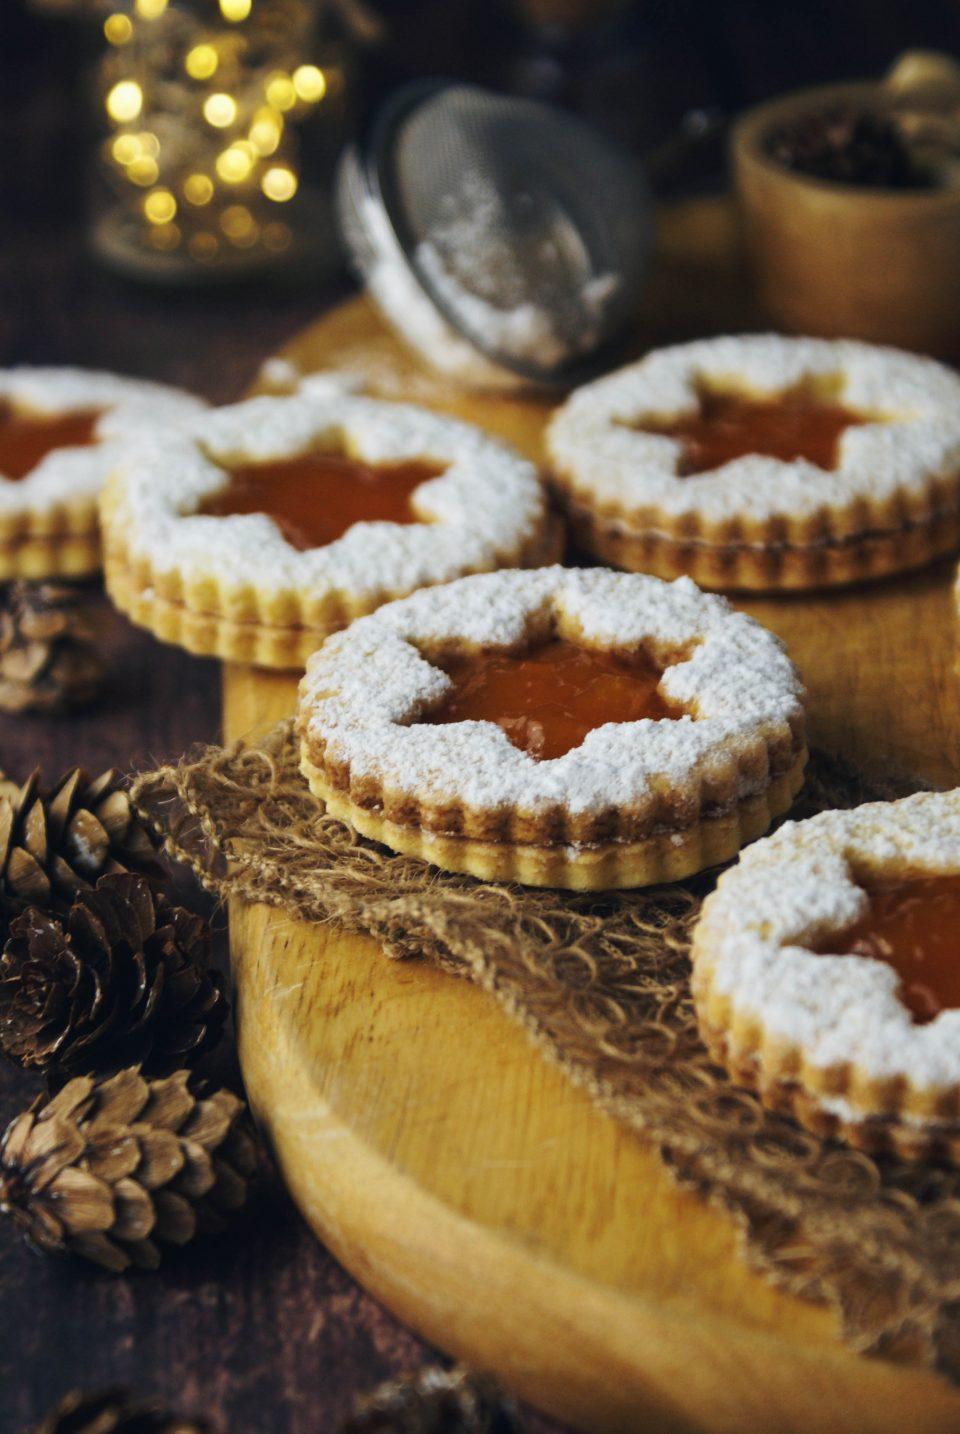 Biscotti occhio di bue, biscotti ripieni di marmellata di albicocche